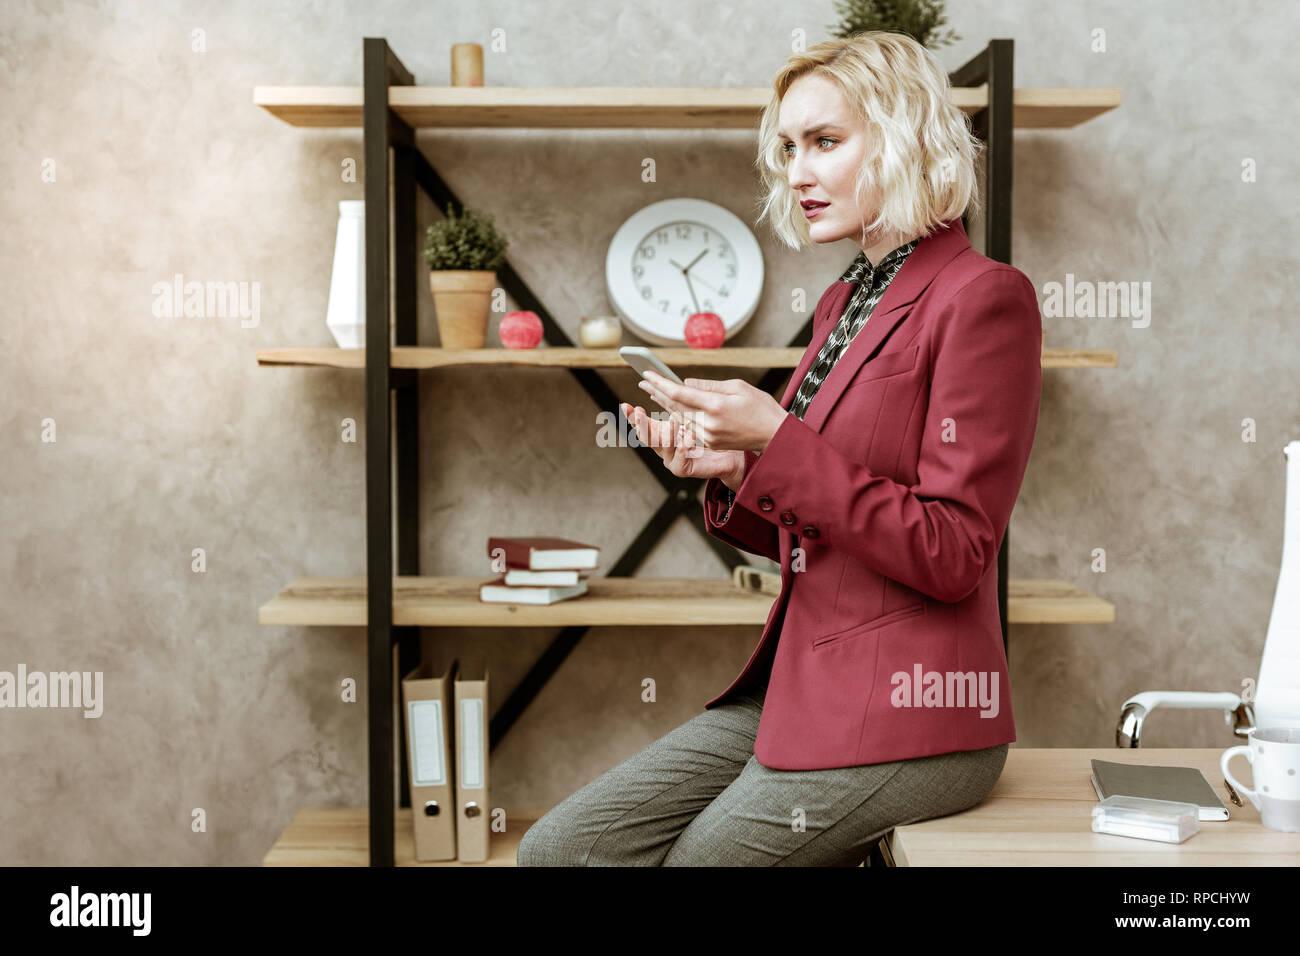 Bon sérieux lady in red jacket obsolètes s'appuyant sur la surface de la table Photo Stock